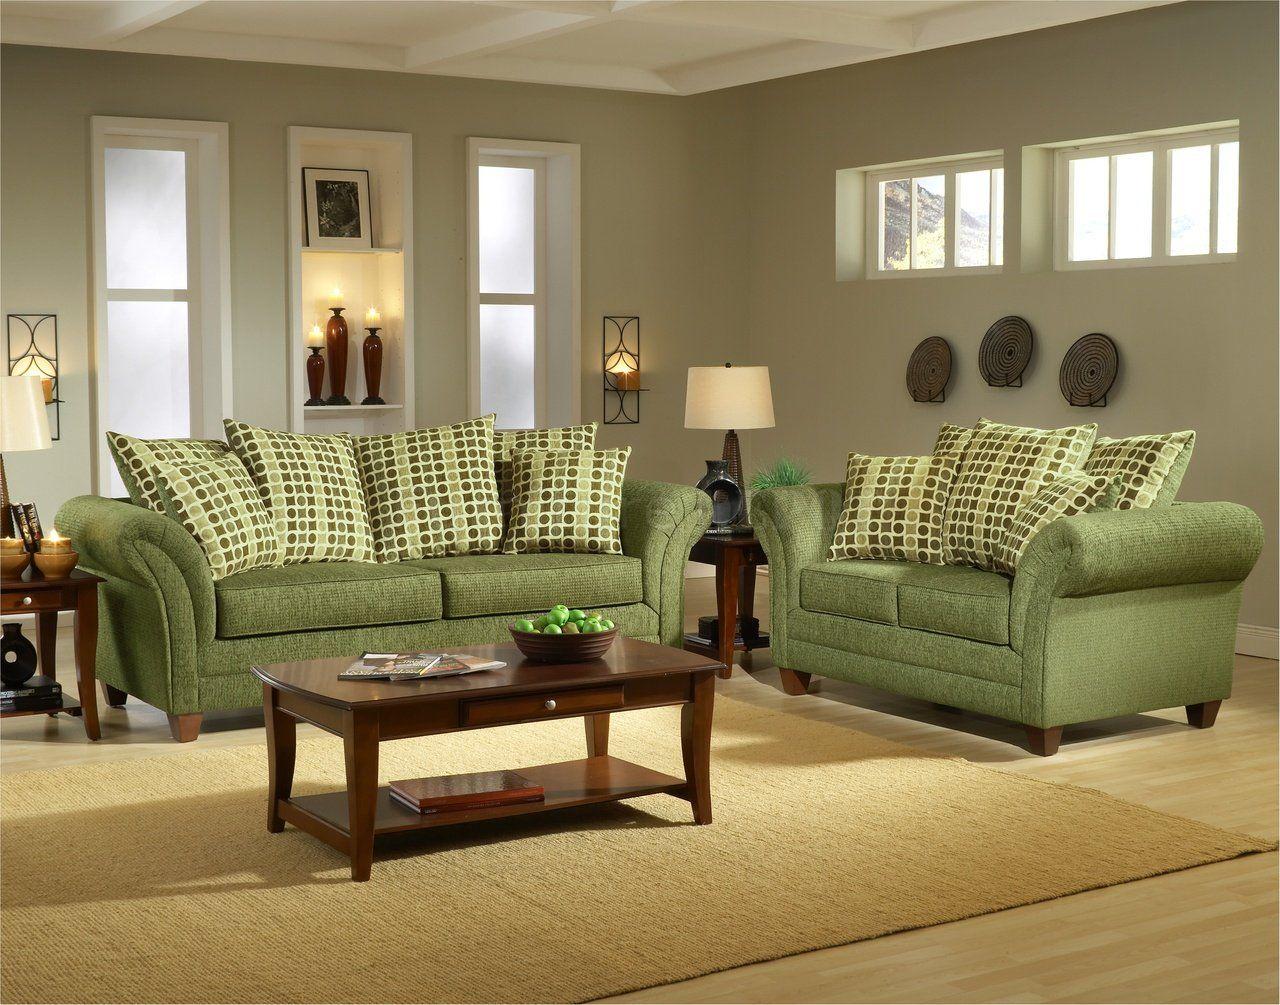 green fabric sofas toddler sofa bed singapore 16 contemporary living room design inspirations 2012